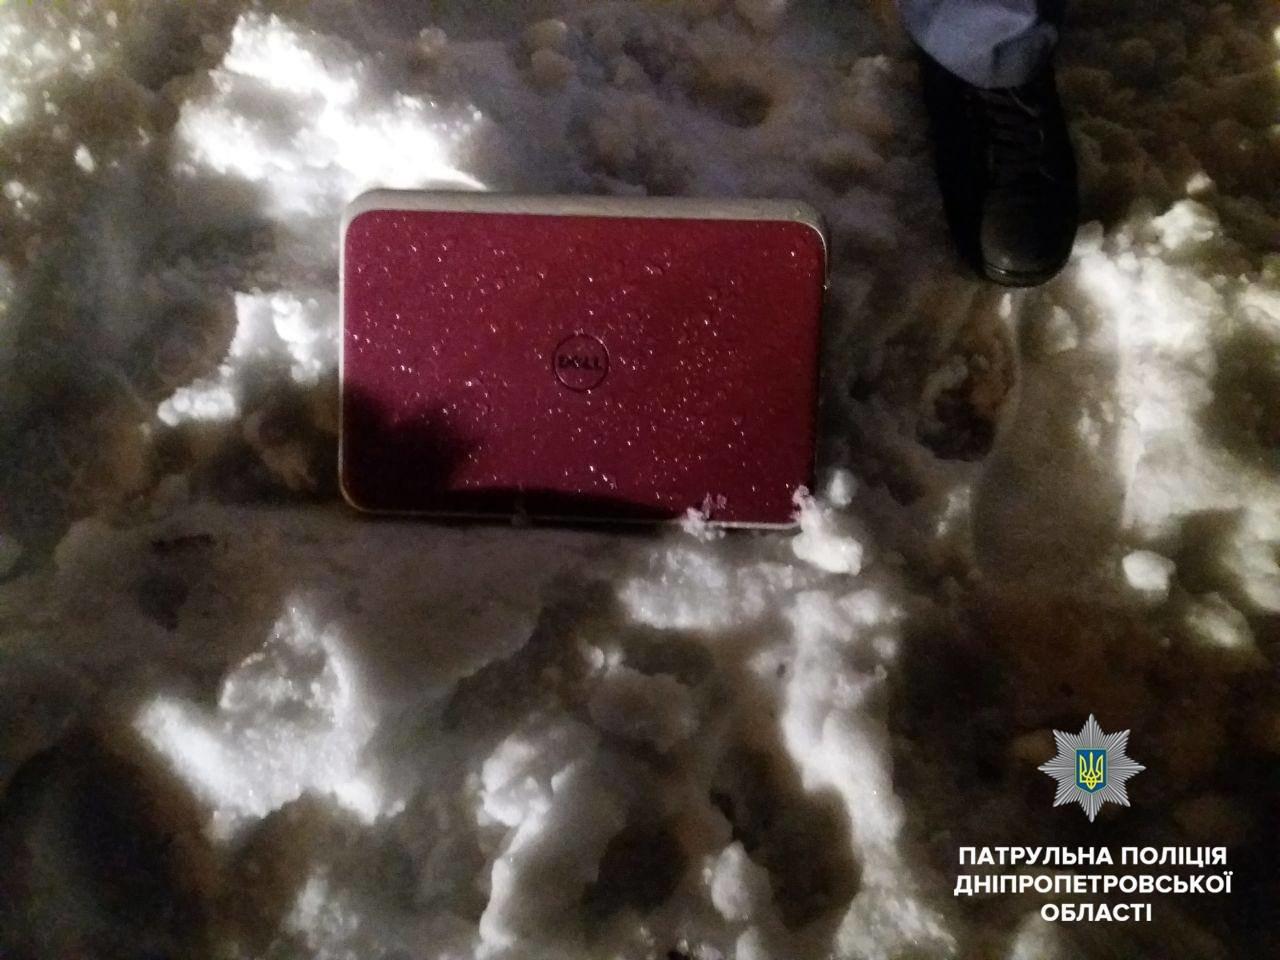 В Днепре ограбили банк: подозреваемые задержаны (ФОТО), фото-5